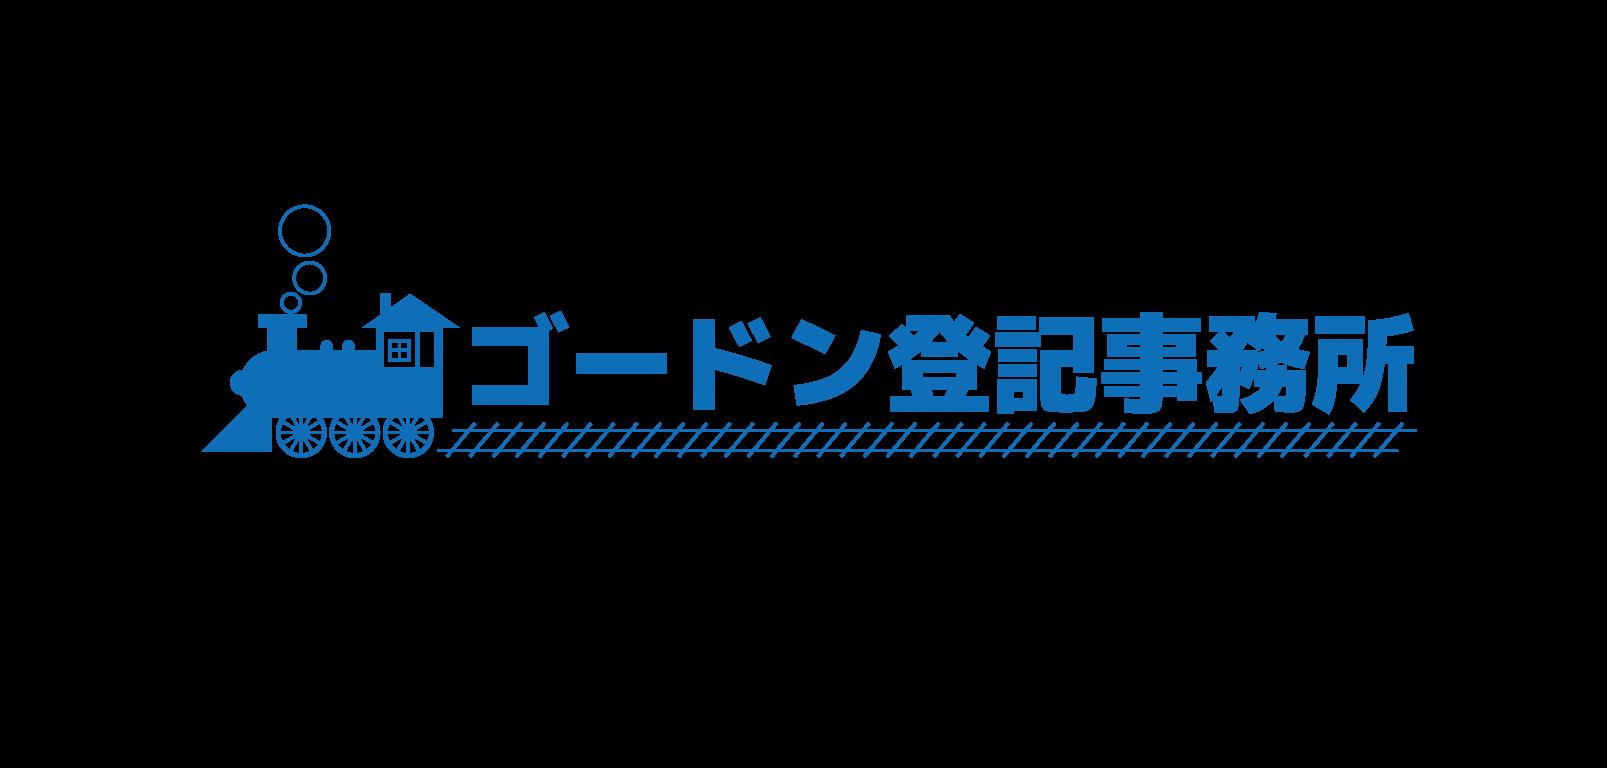 三谷 俊介(ゴードン)